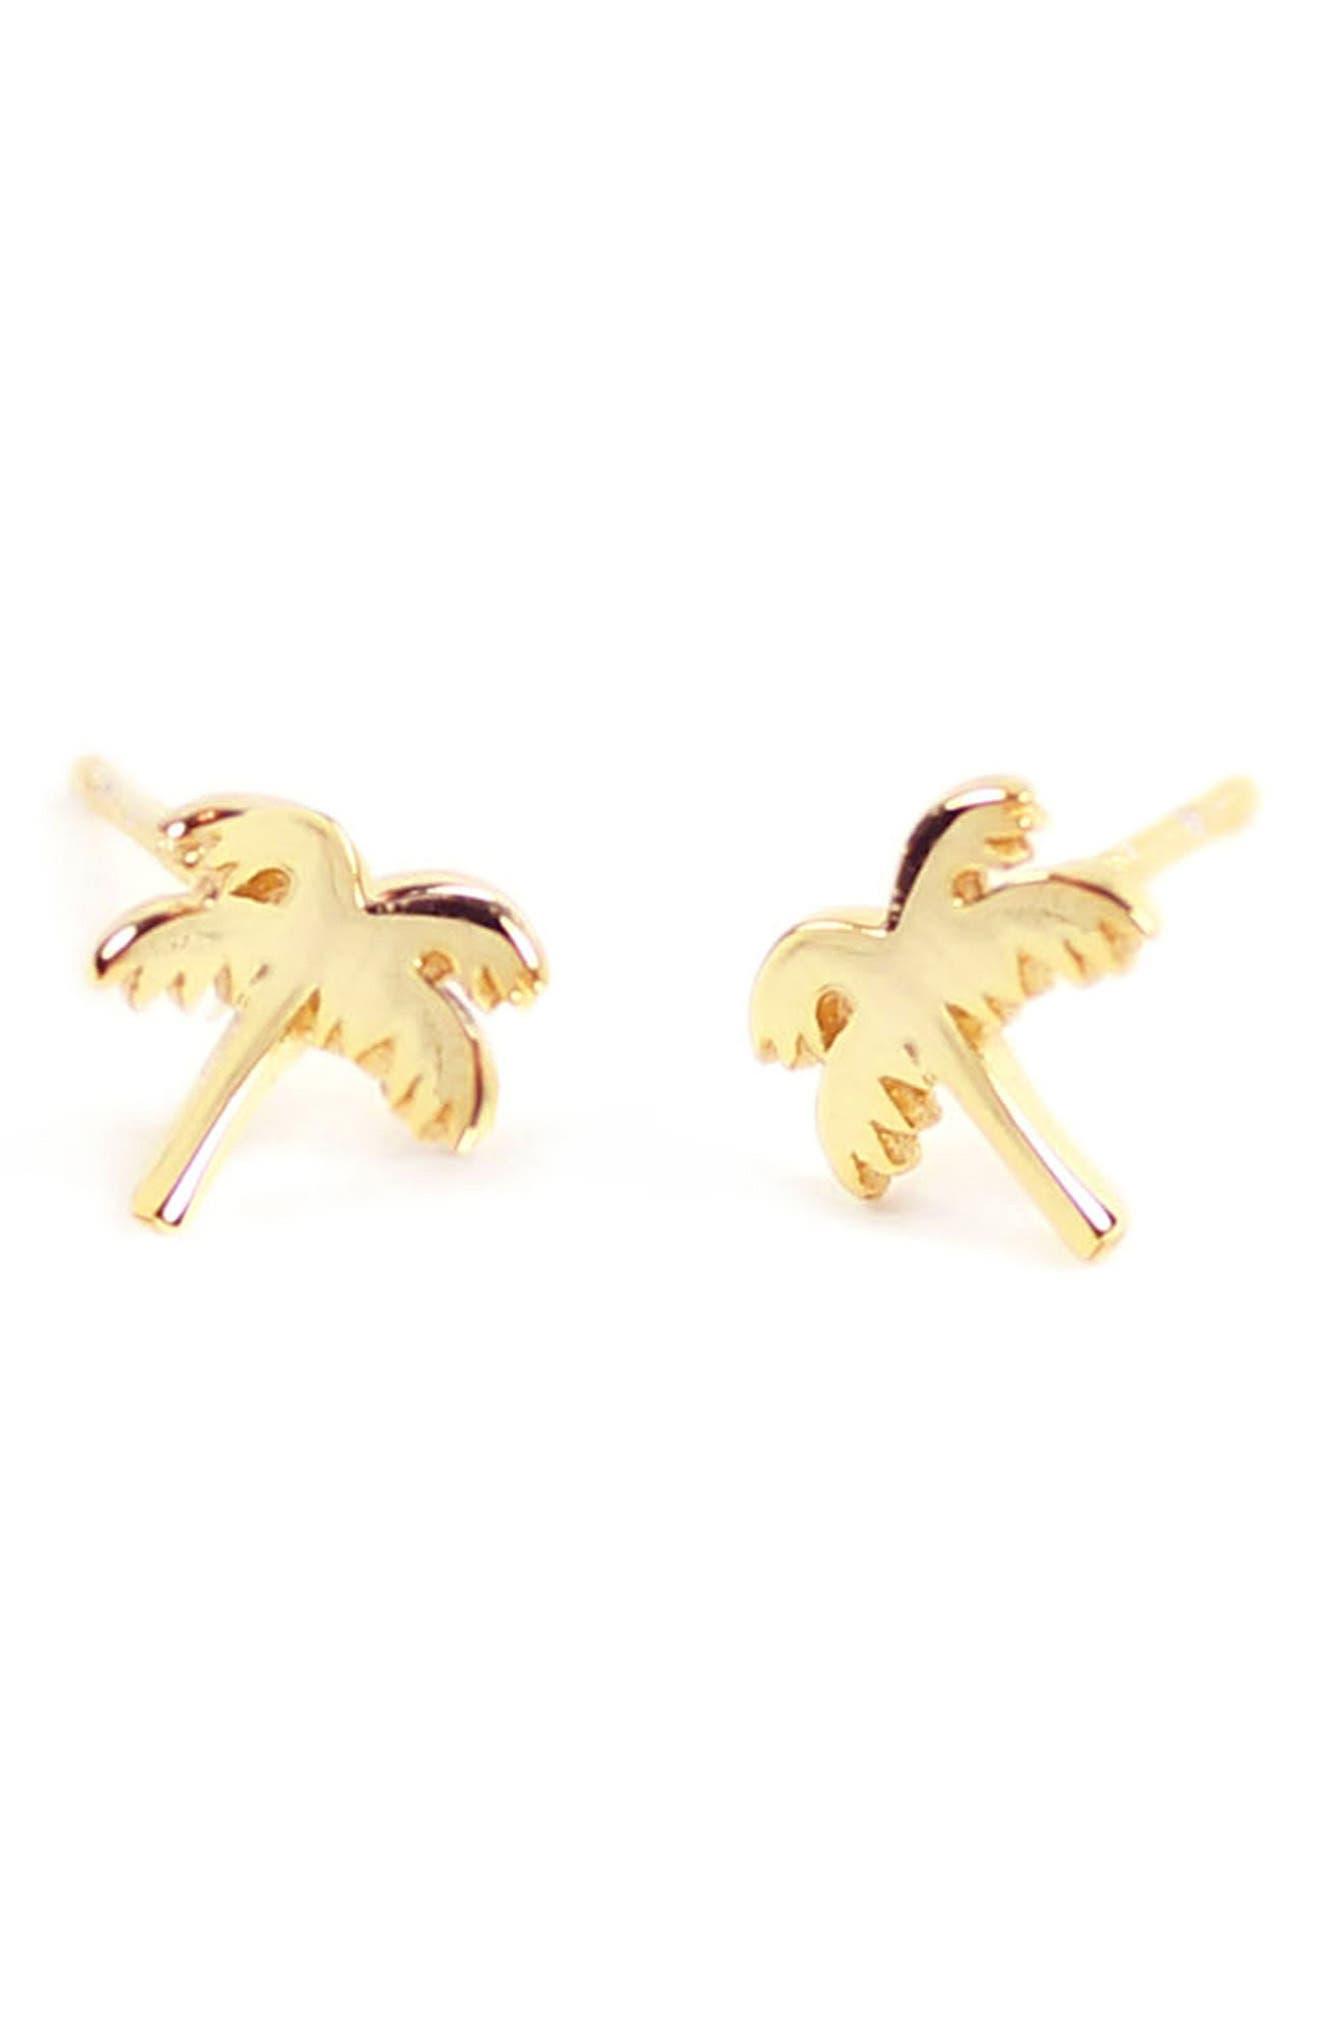 Kris Nations Palm Tree Stud Earrings